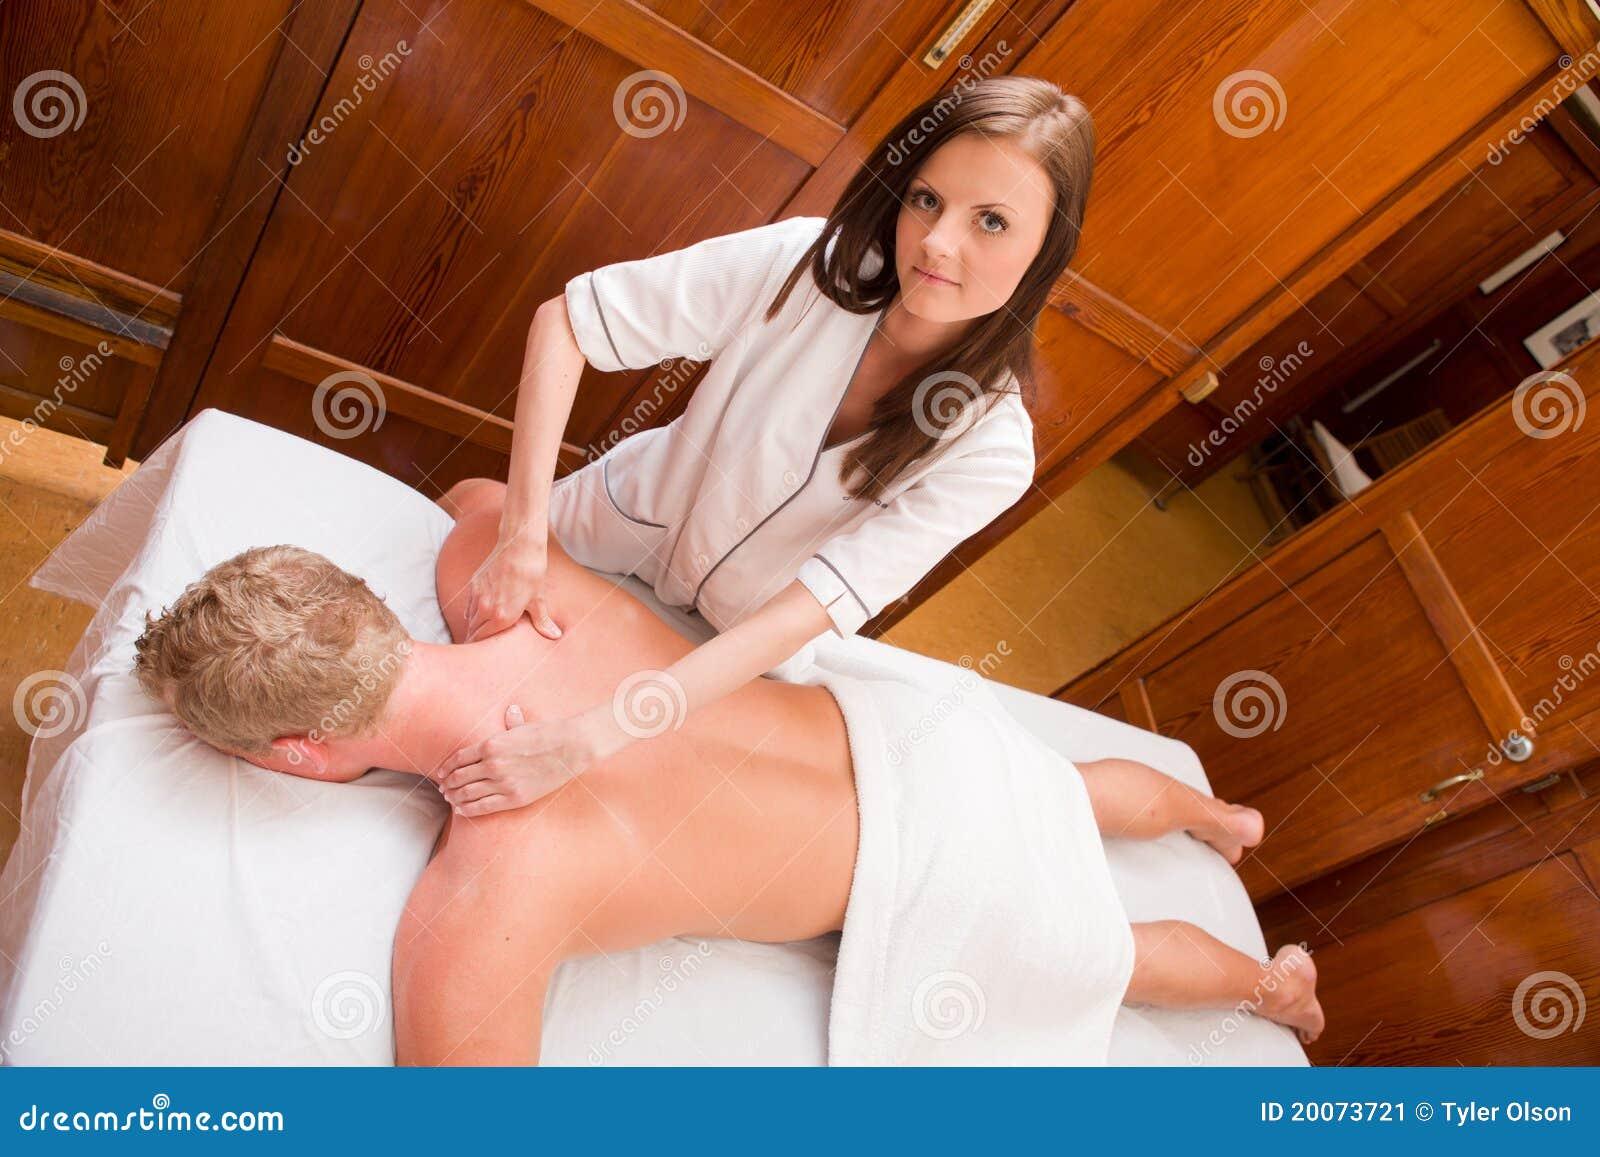 profesional masaje coito